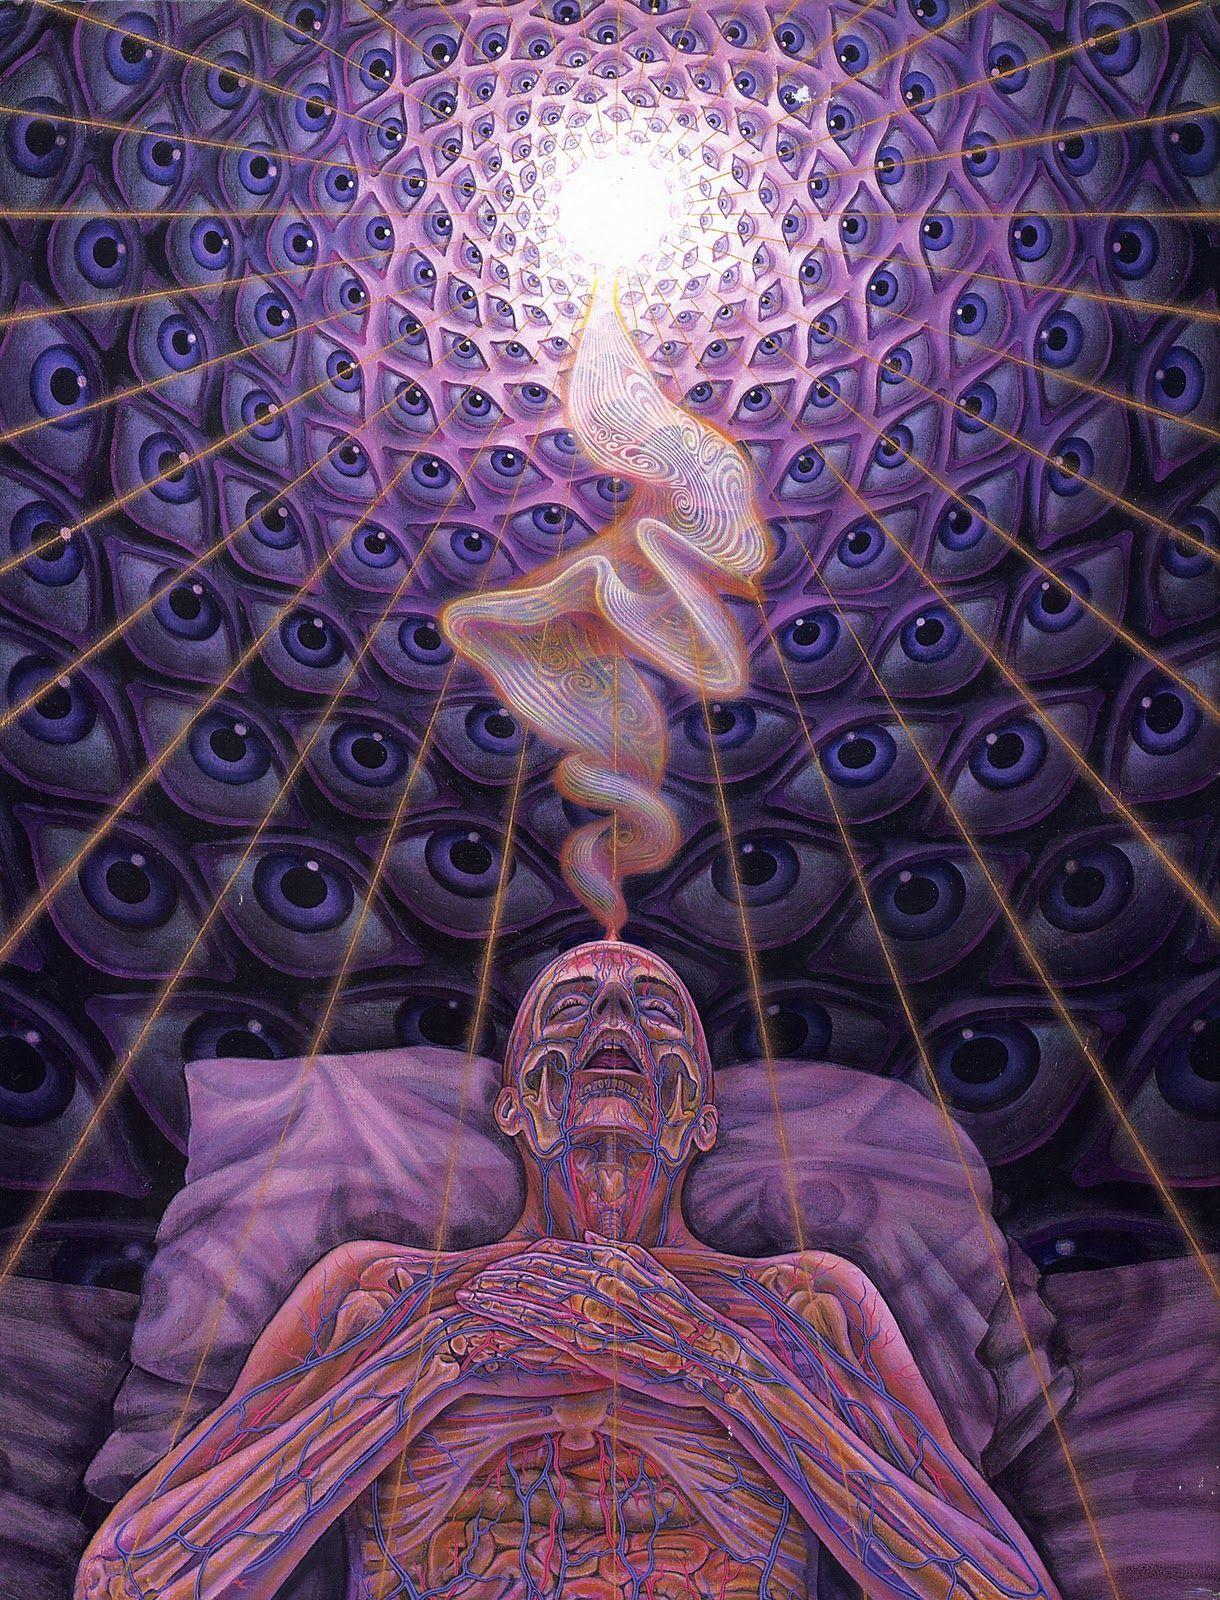 Hier sieht man sehr schön, wie die Seele während der Nacht das Selbst inspiriert.  Sacred Mirrors by Alex Grey